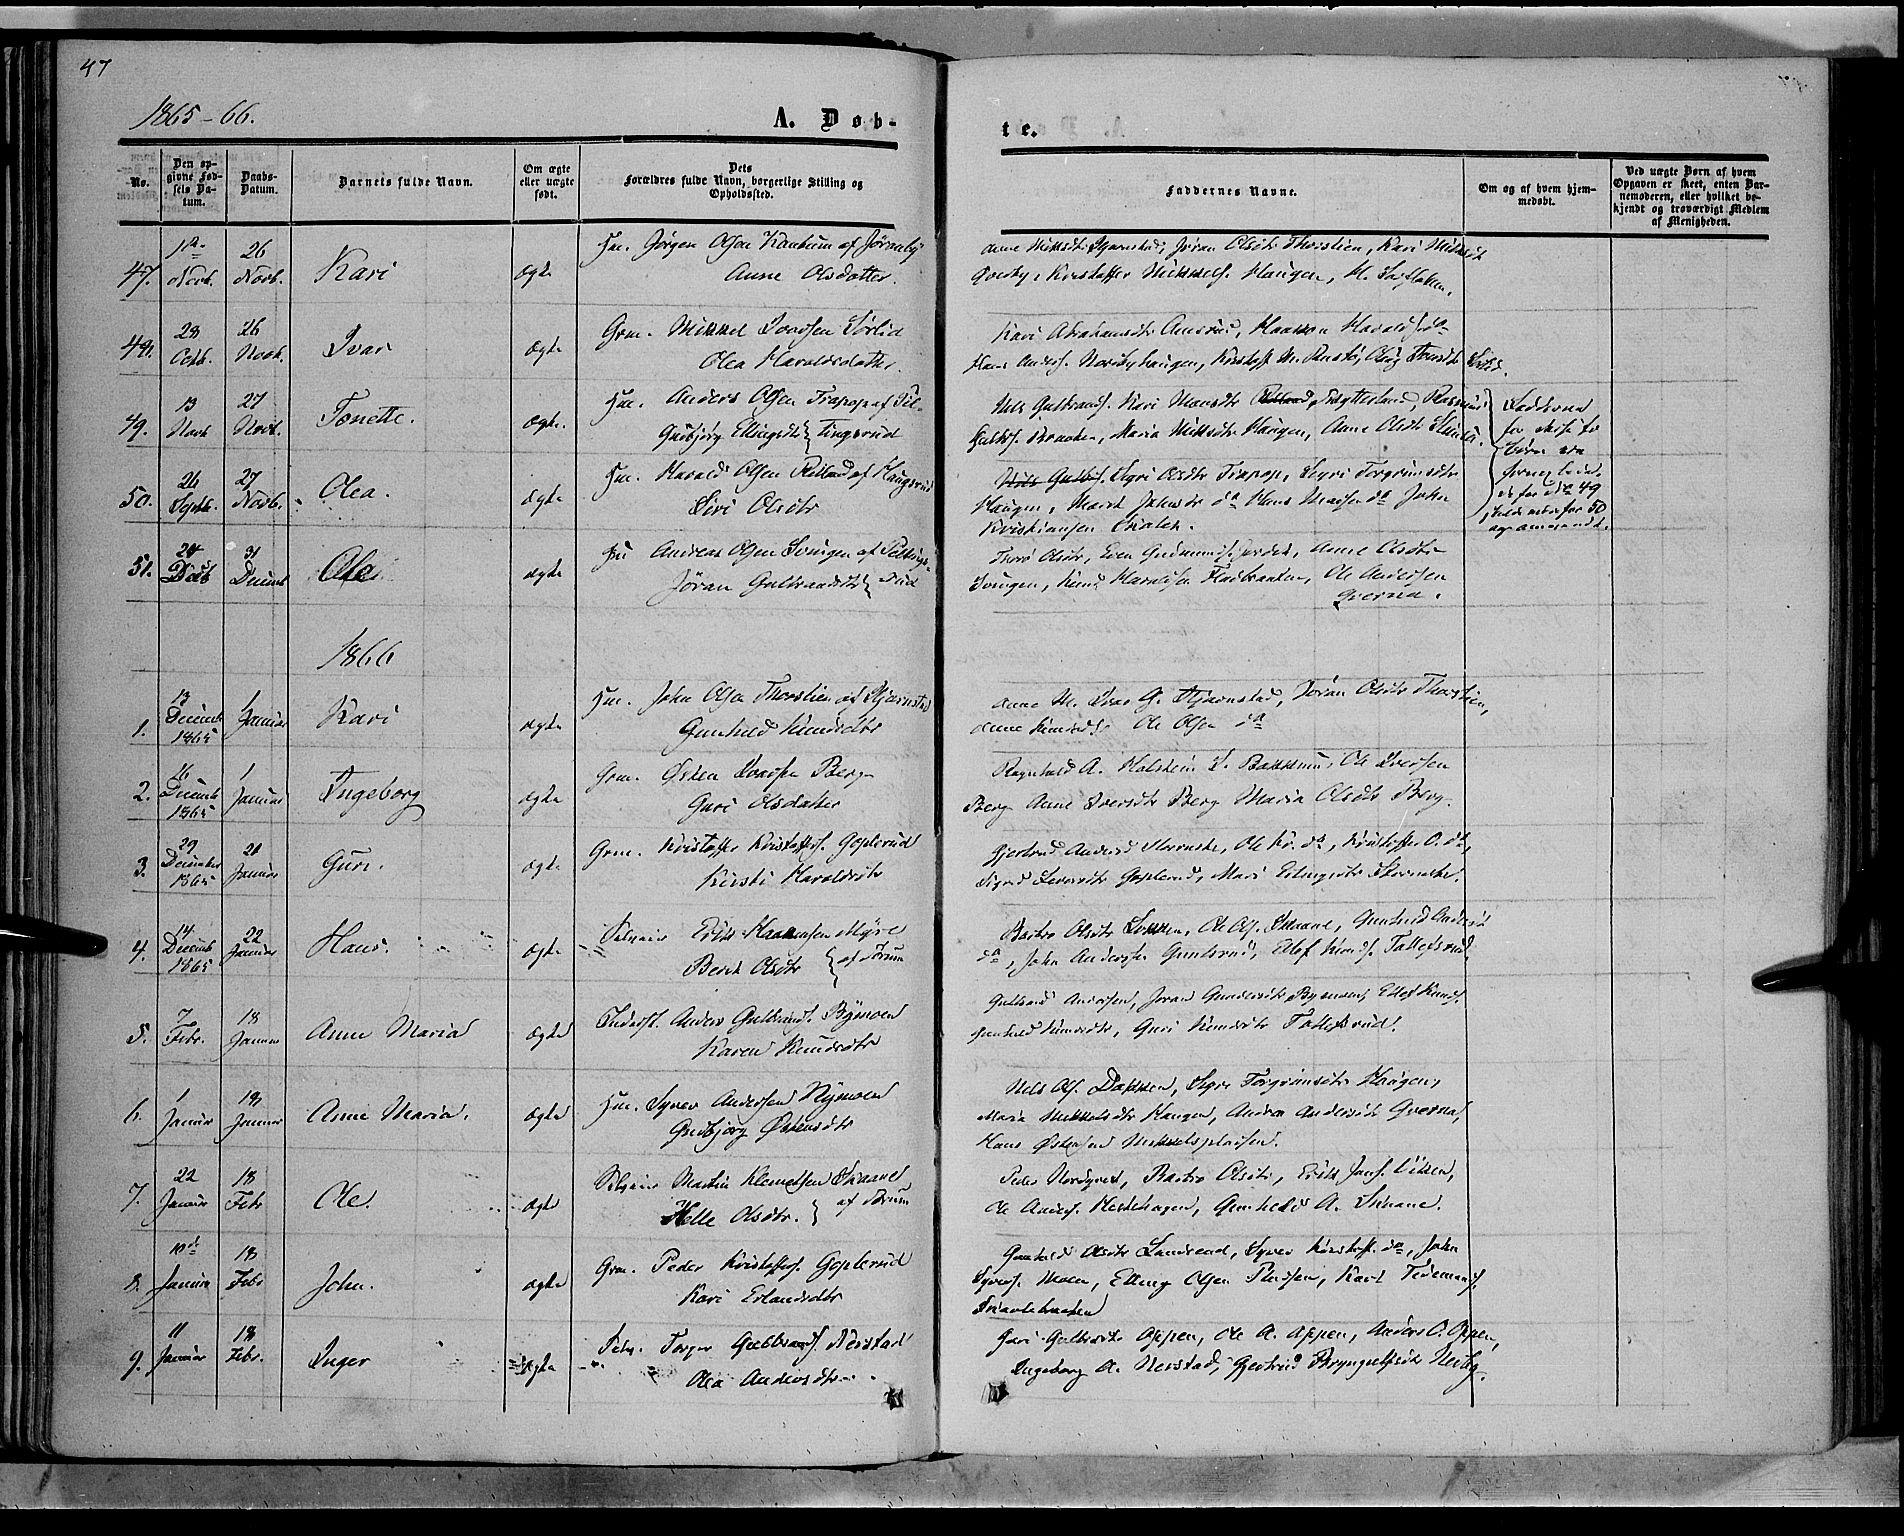 SAH, Sør-Aurdal prestekontor, Ministerialbok nr. 7, 1849-1876, s. 47